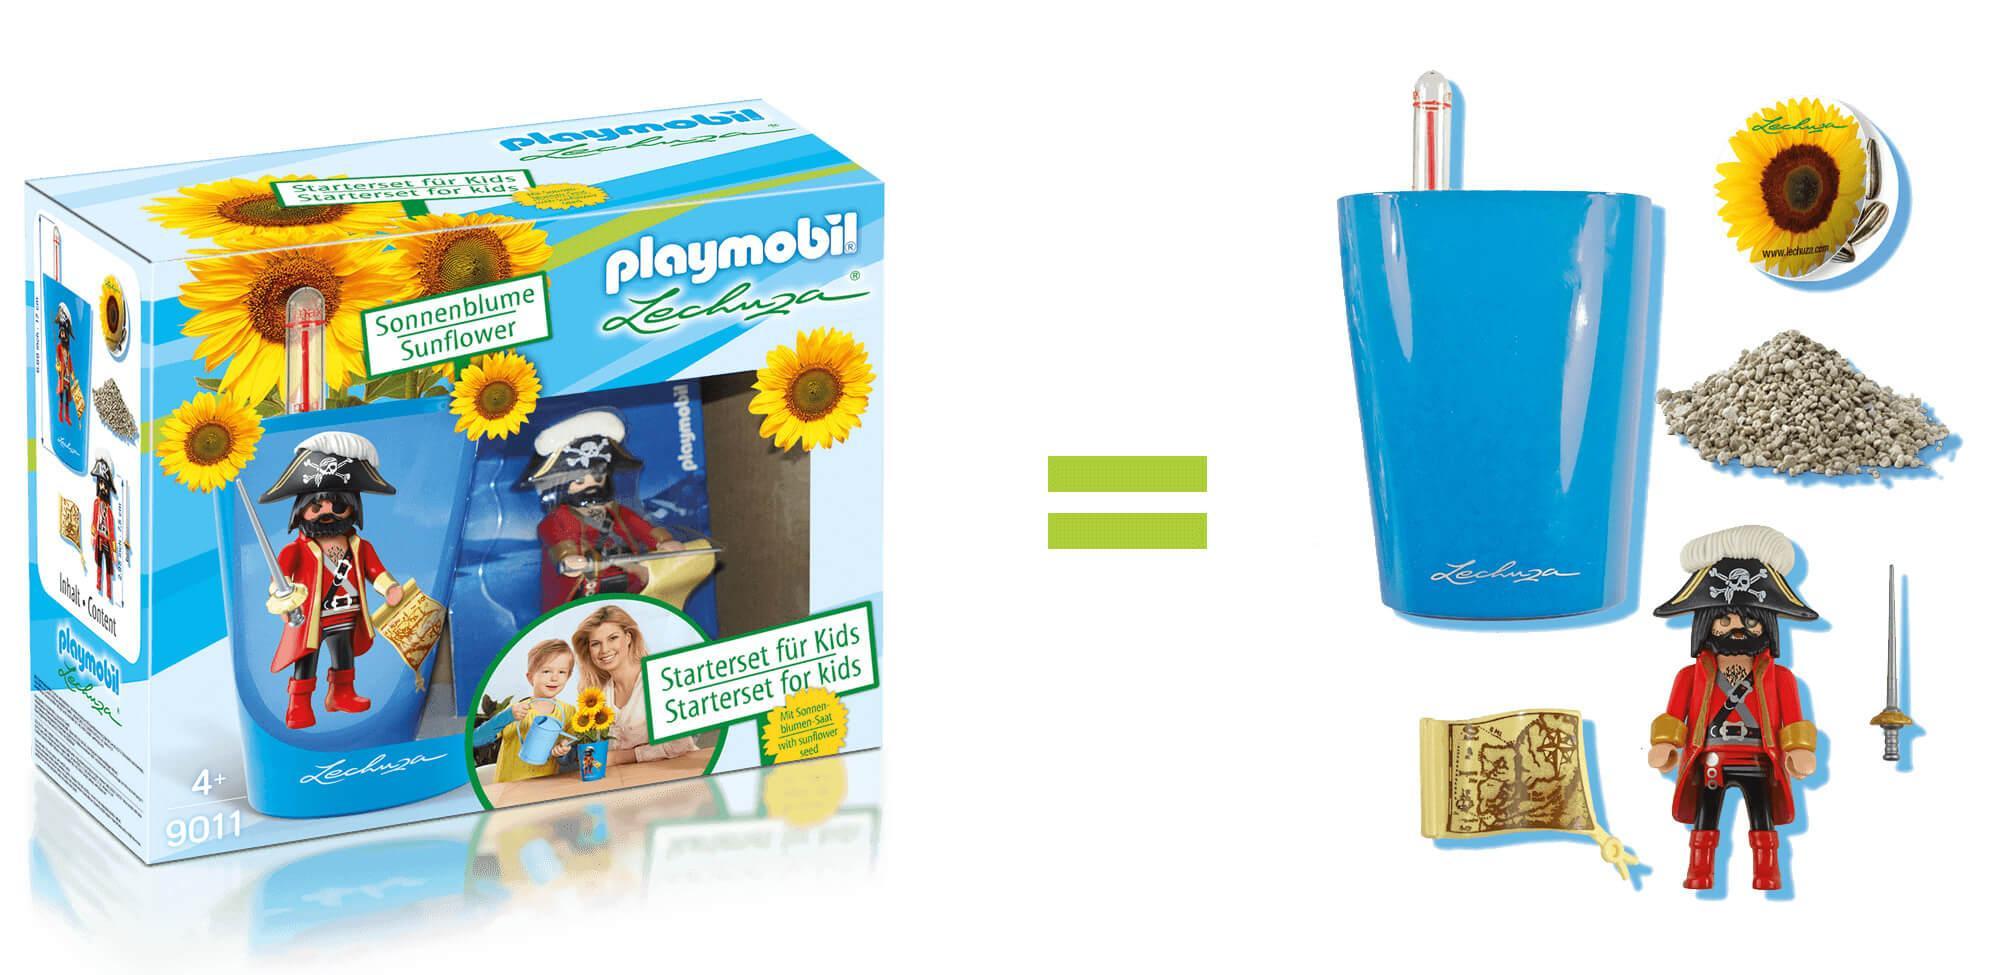 [Lechuza] Playmobil Piraten oder Prinzessin Starterset (Mini Deltini, Figur, Sonnenblumensamen, Lechuza PON) für jeweils 10,49€